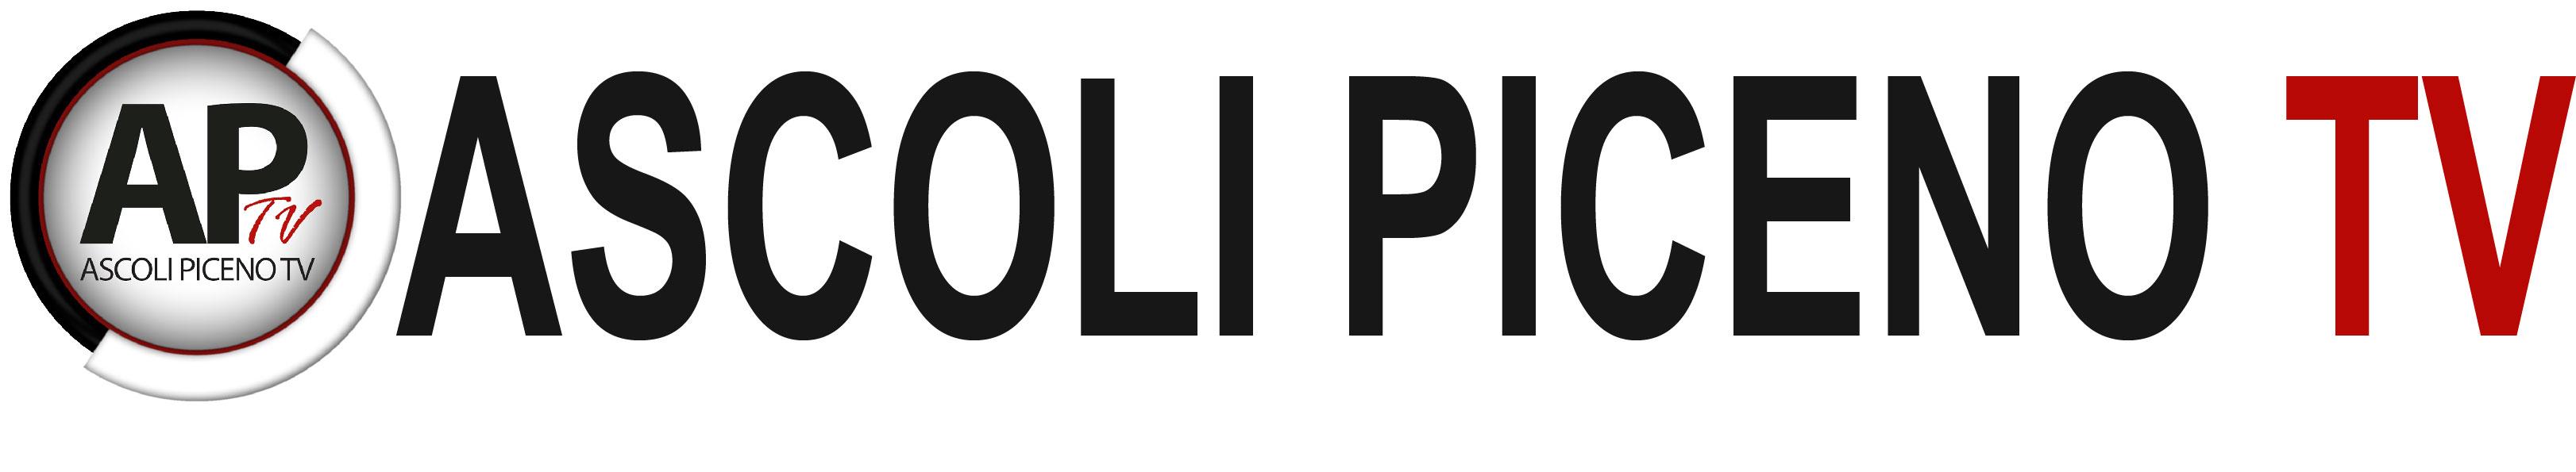 Ascoli Piceno tv